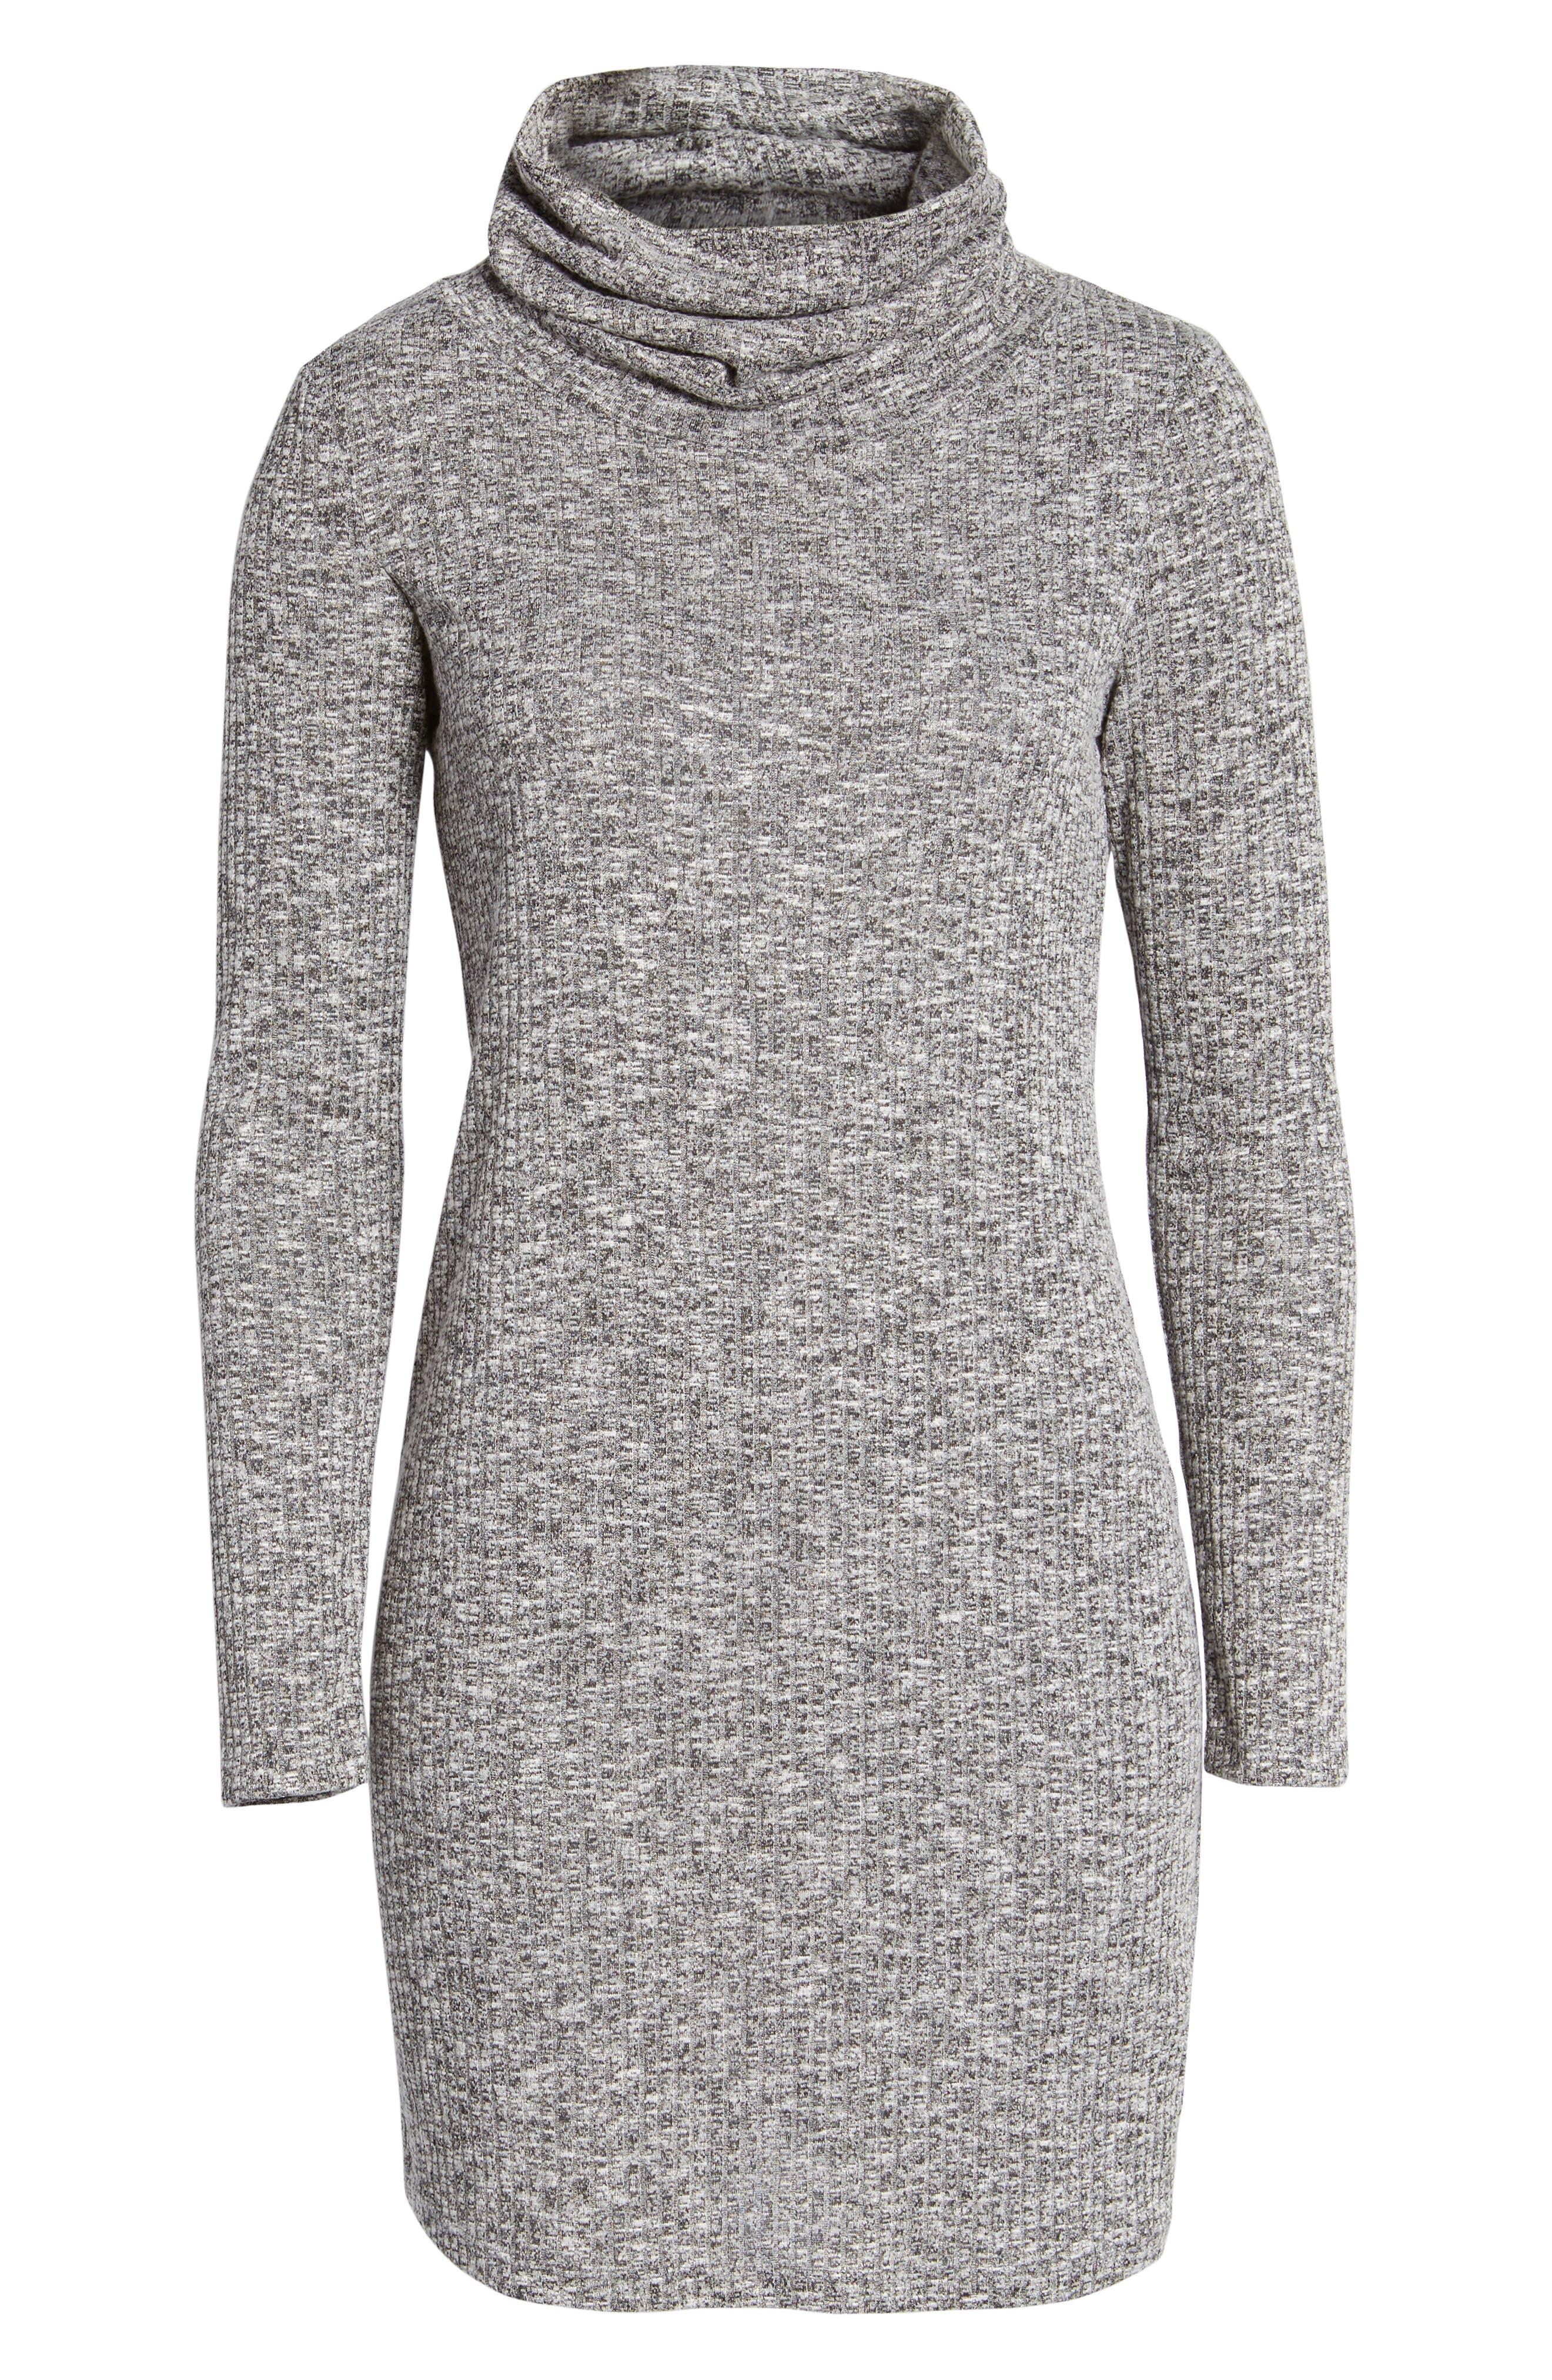 Everly Knit Turtleneck Dress